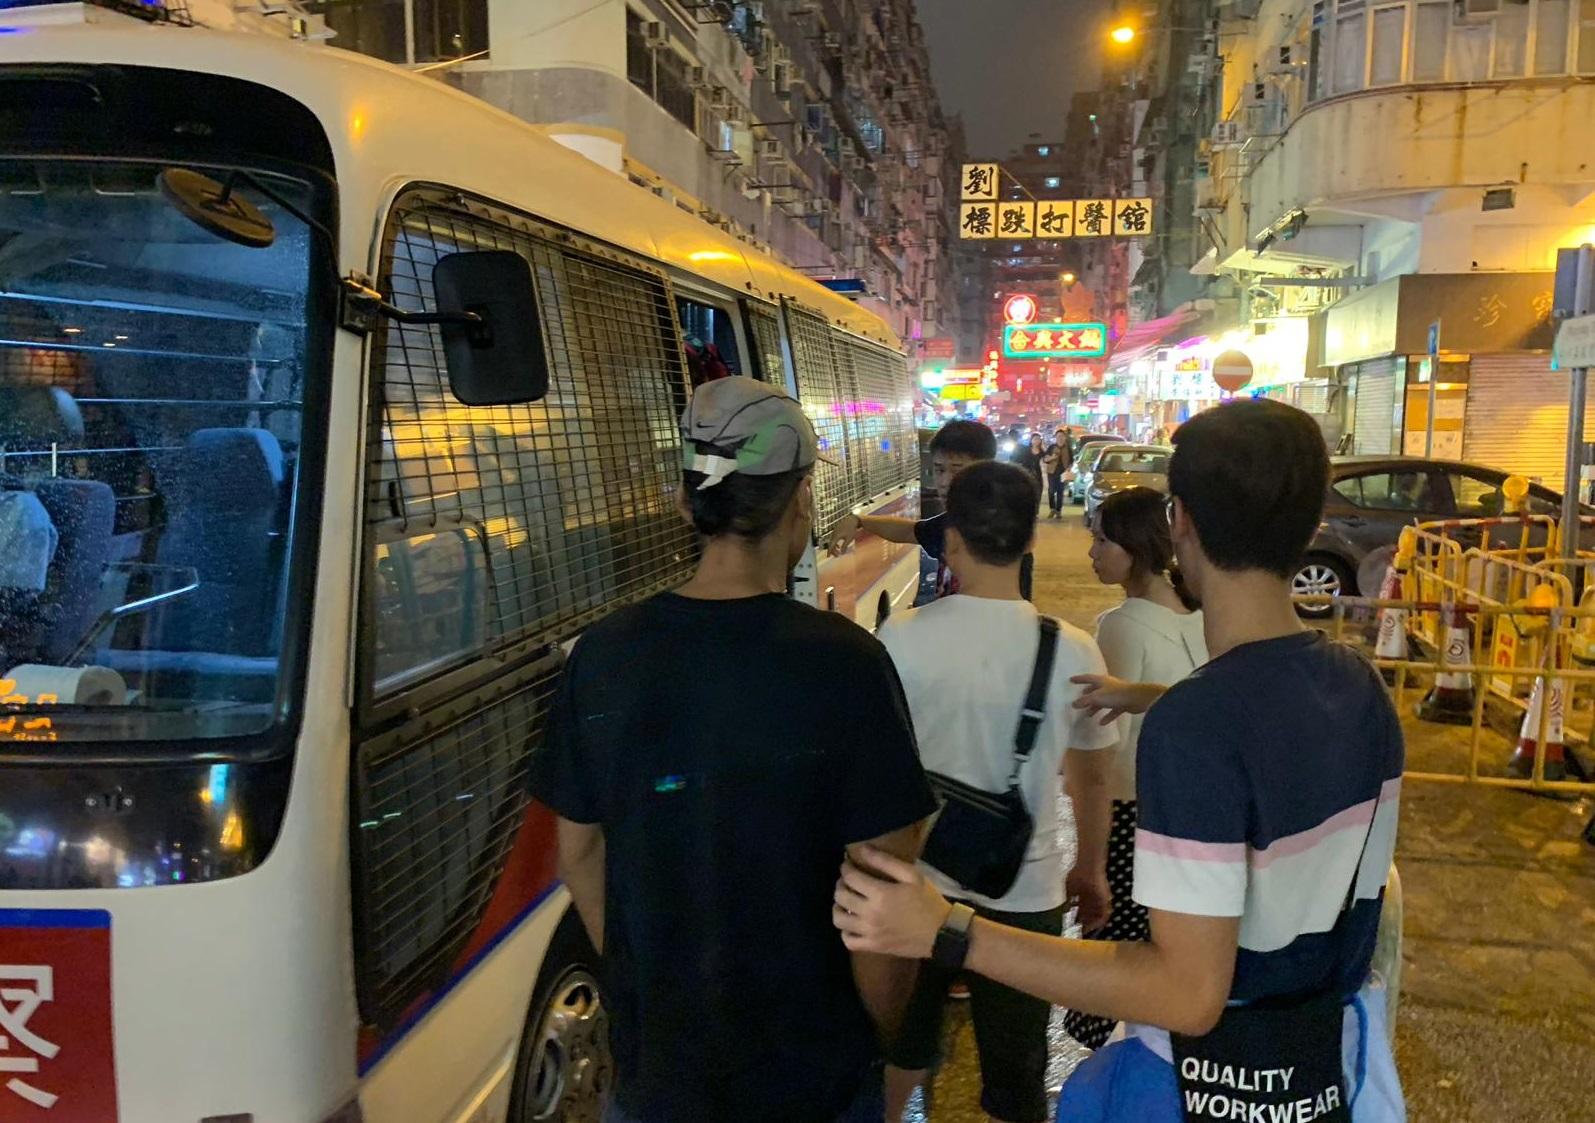 行動中的被捕人士。